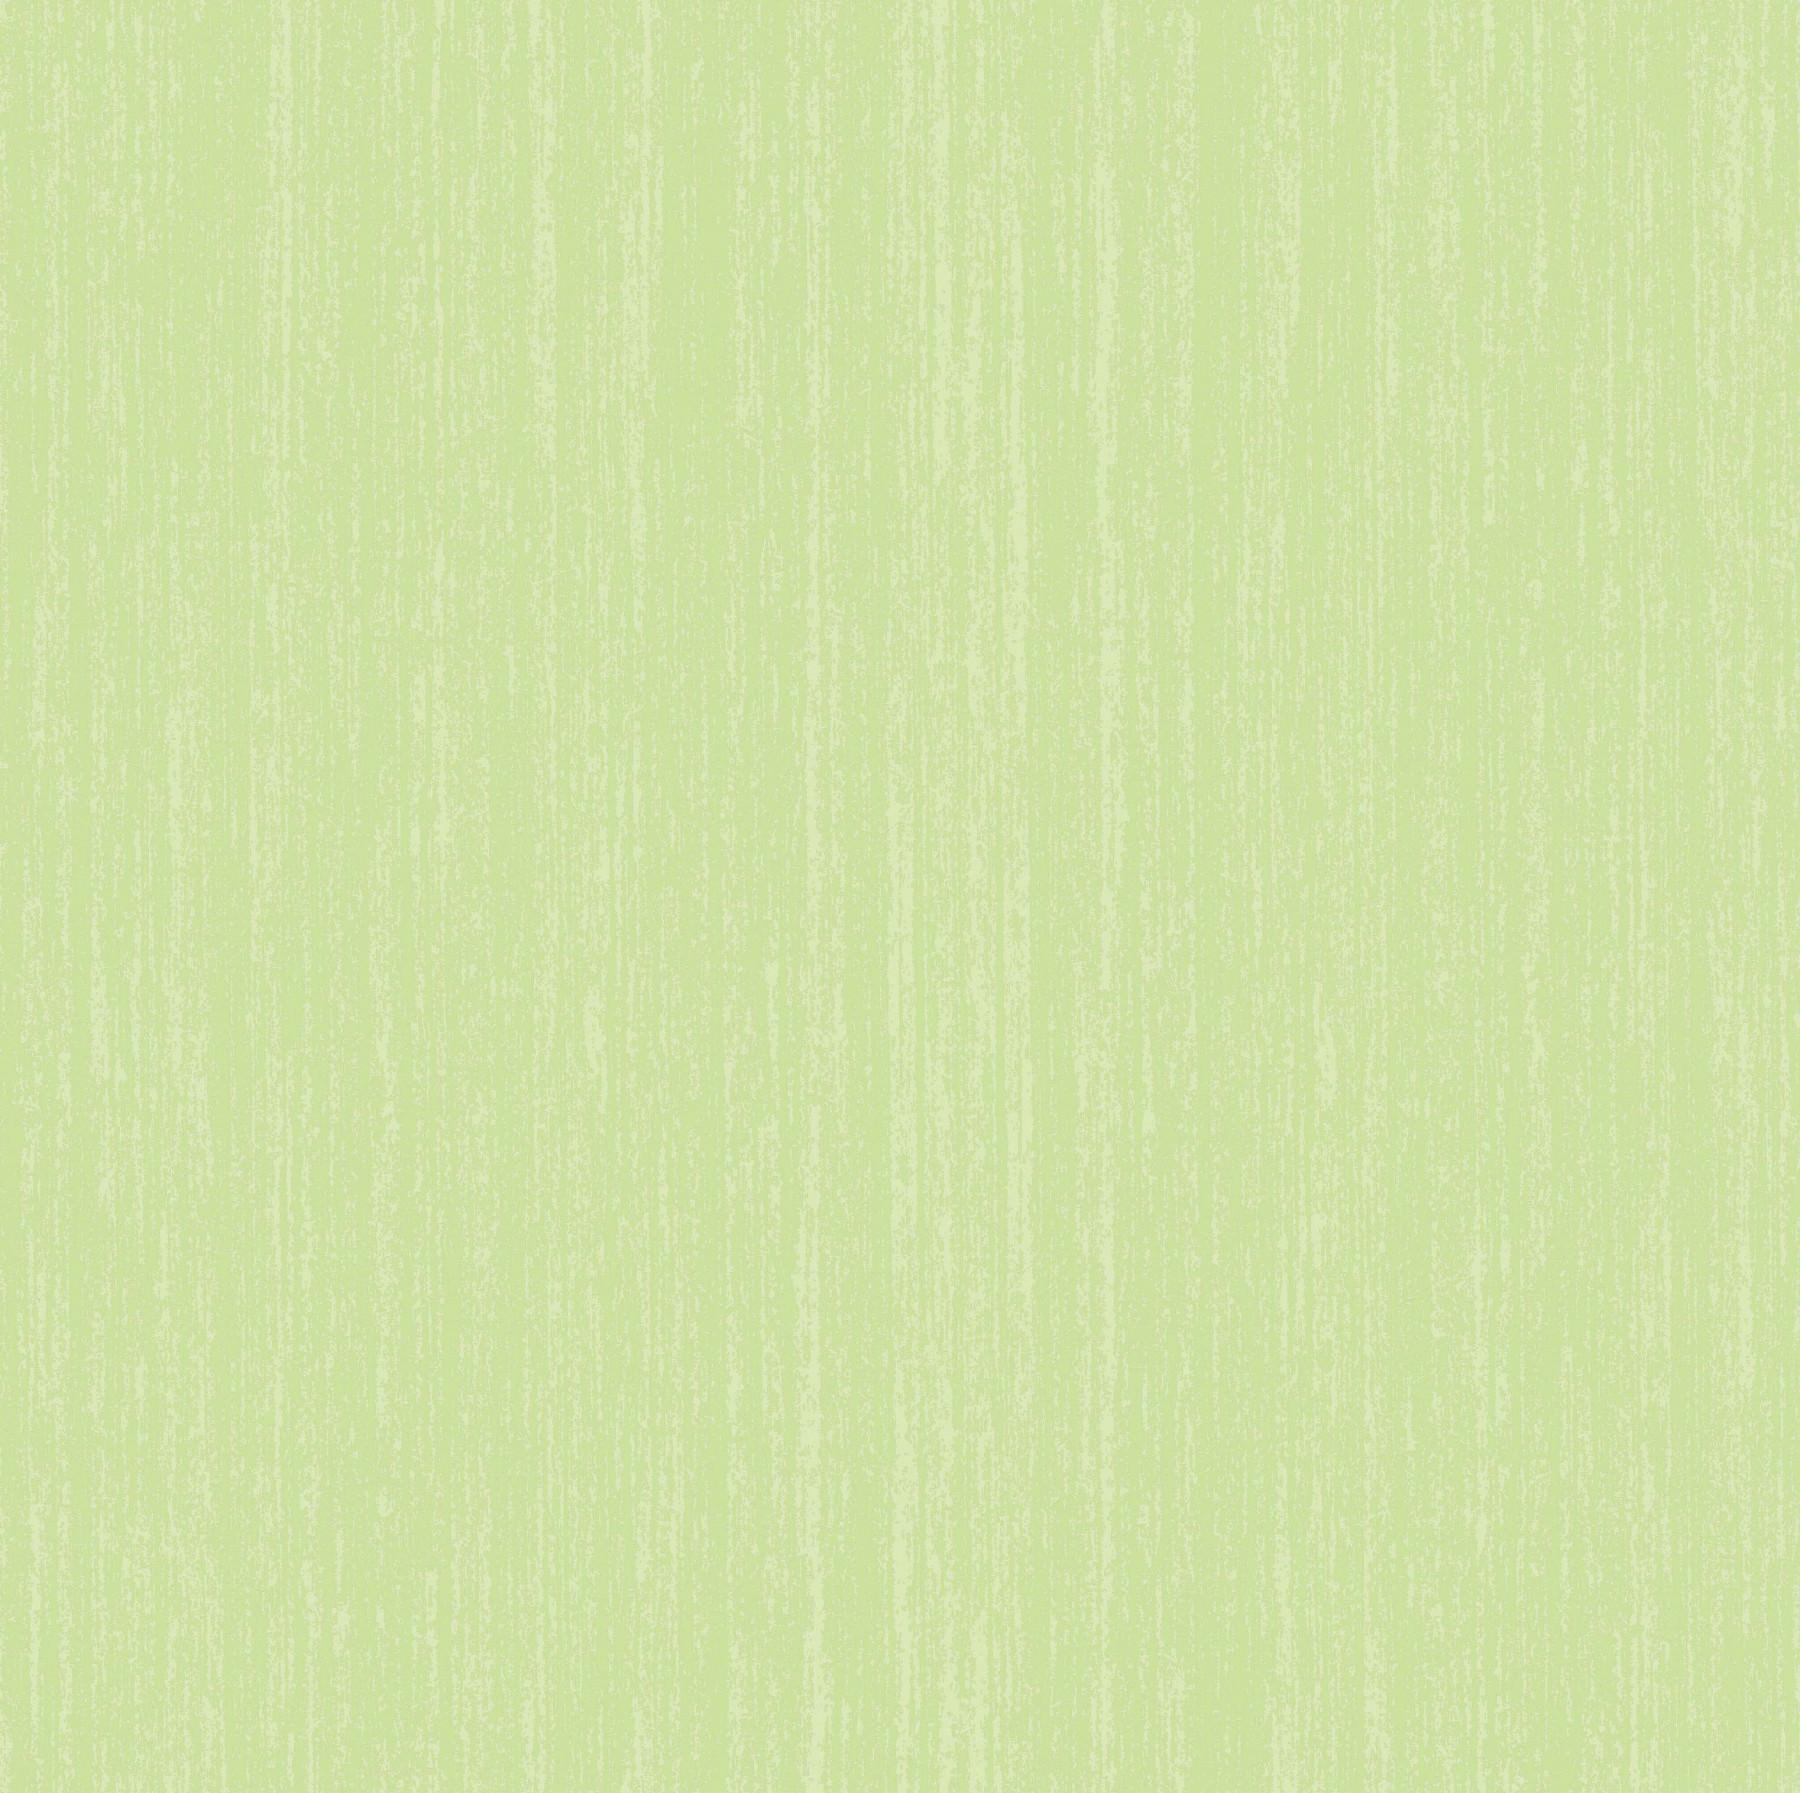 Papel de Parede Infantil Linhas de Giz Verde Claro- Has#Tag